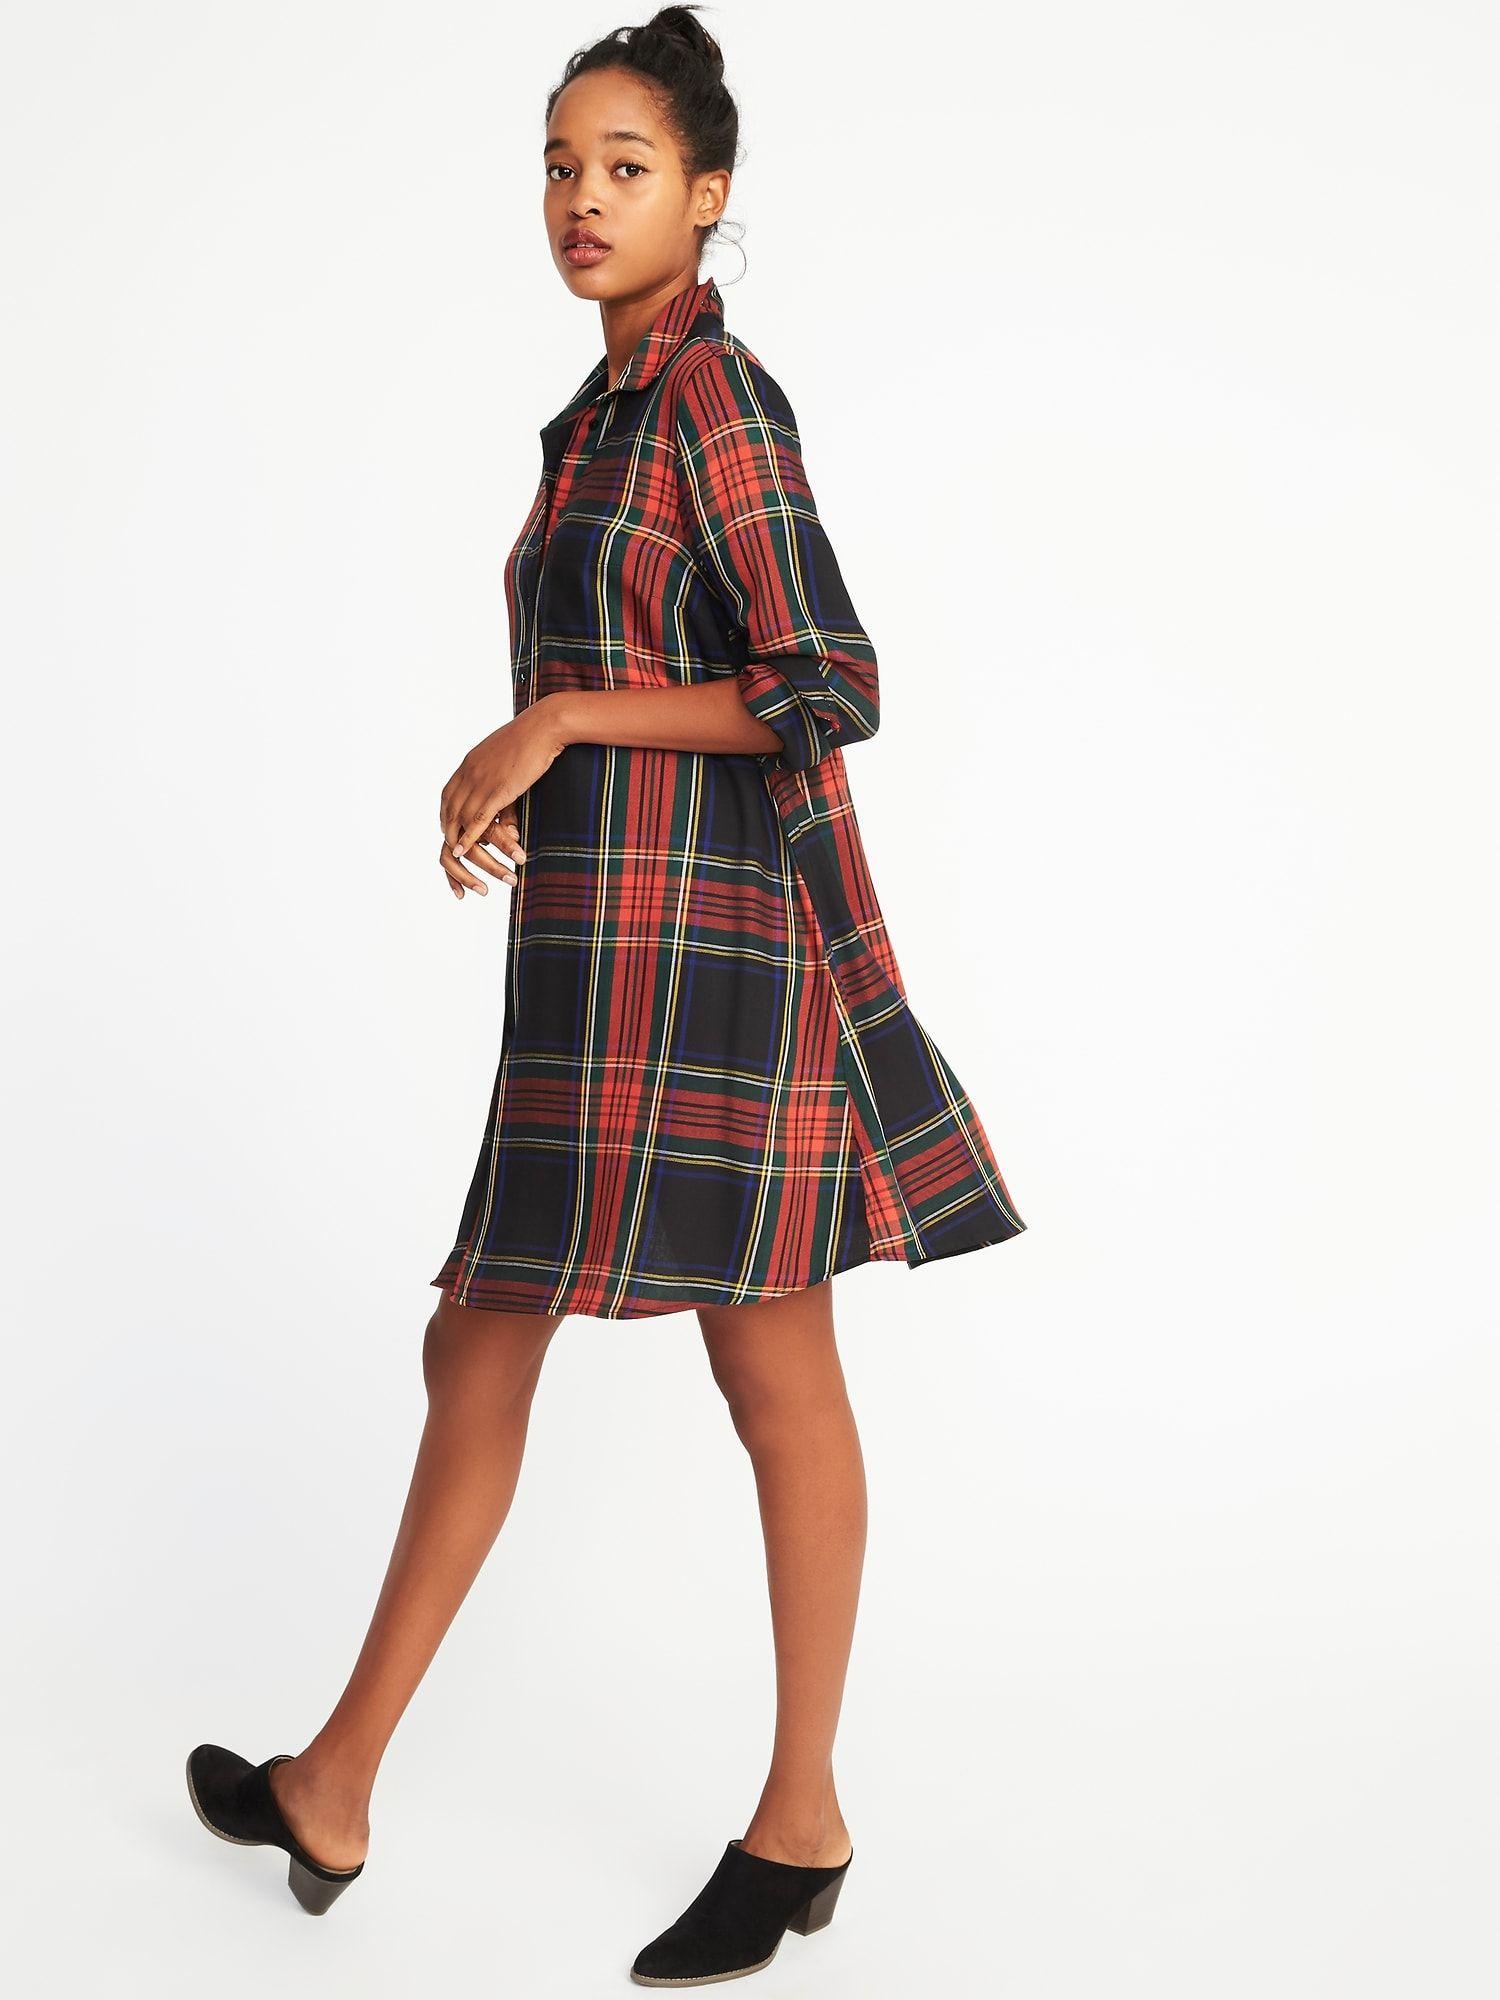 eddb0d02b7ac Twill Shirt Dress for Women   (Wanna-be) Fashionista   Twill shirt ...